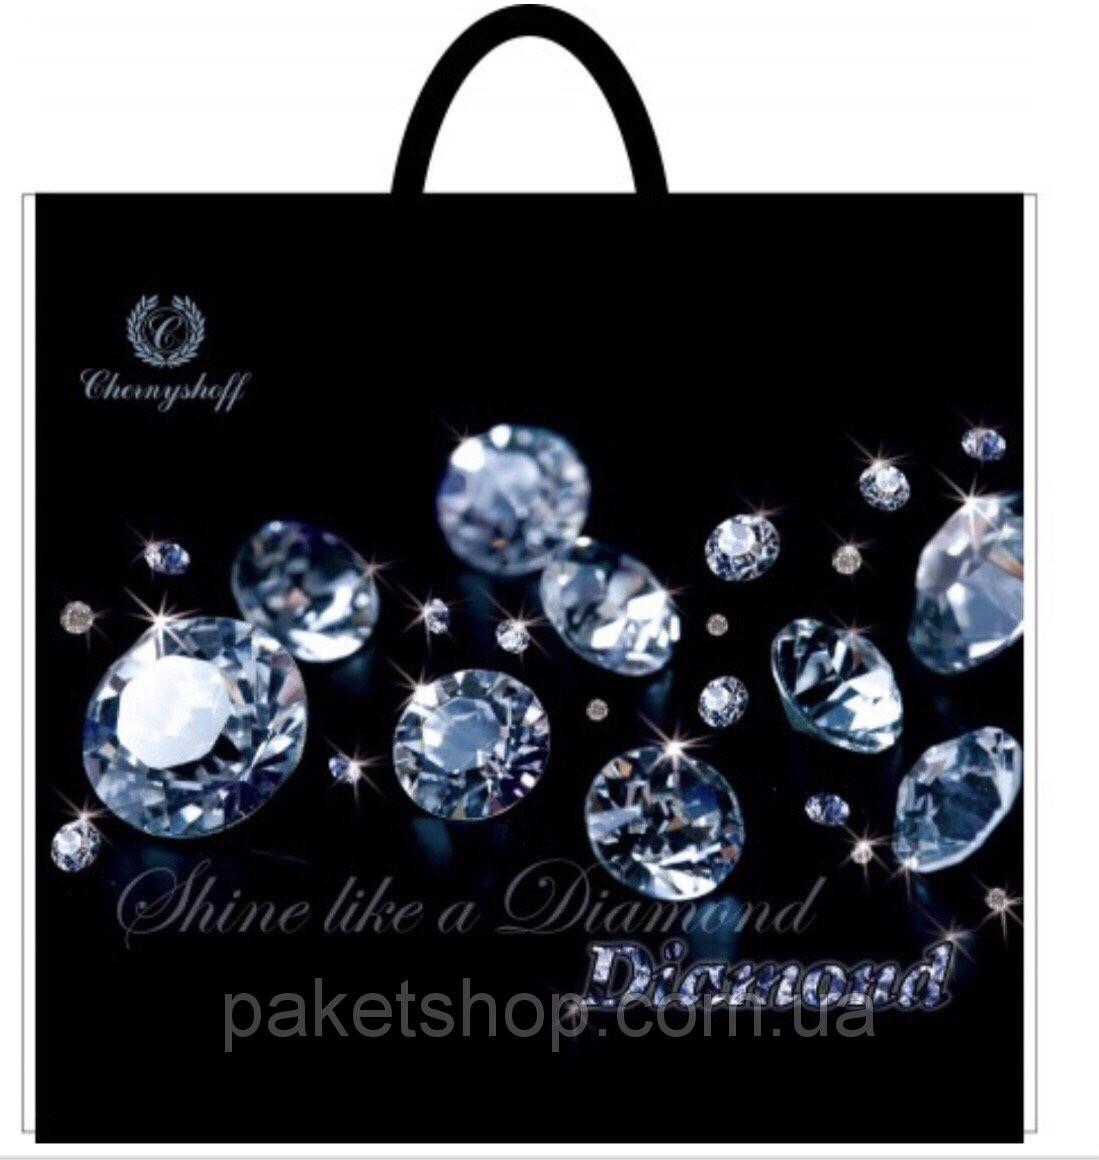 Полиэтиленовый пакет с пластиковой ручкой (сумка) ''Бриллиант'' 380*340, 10 шт